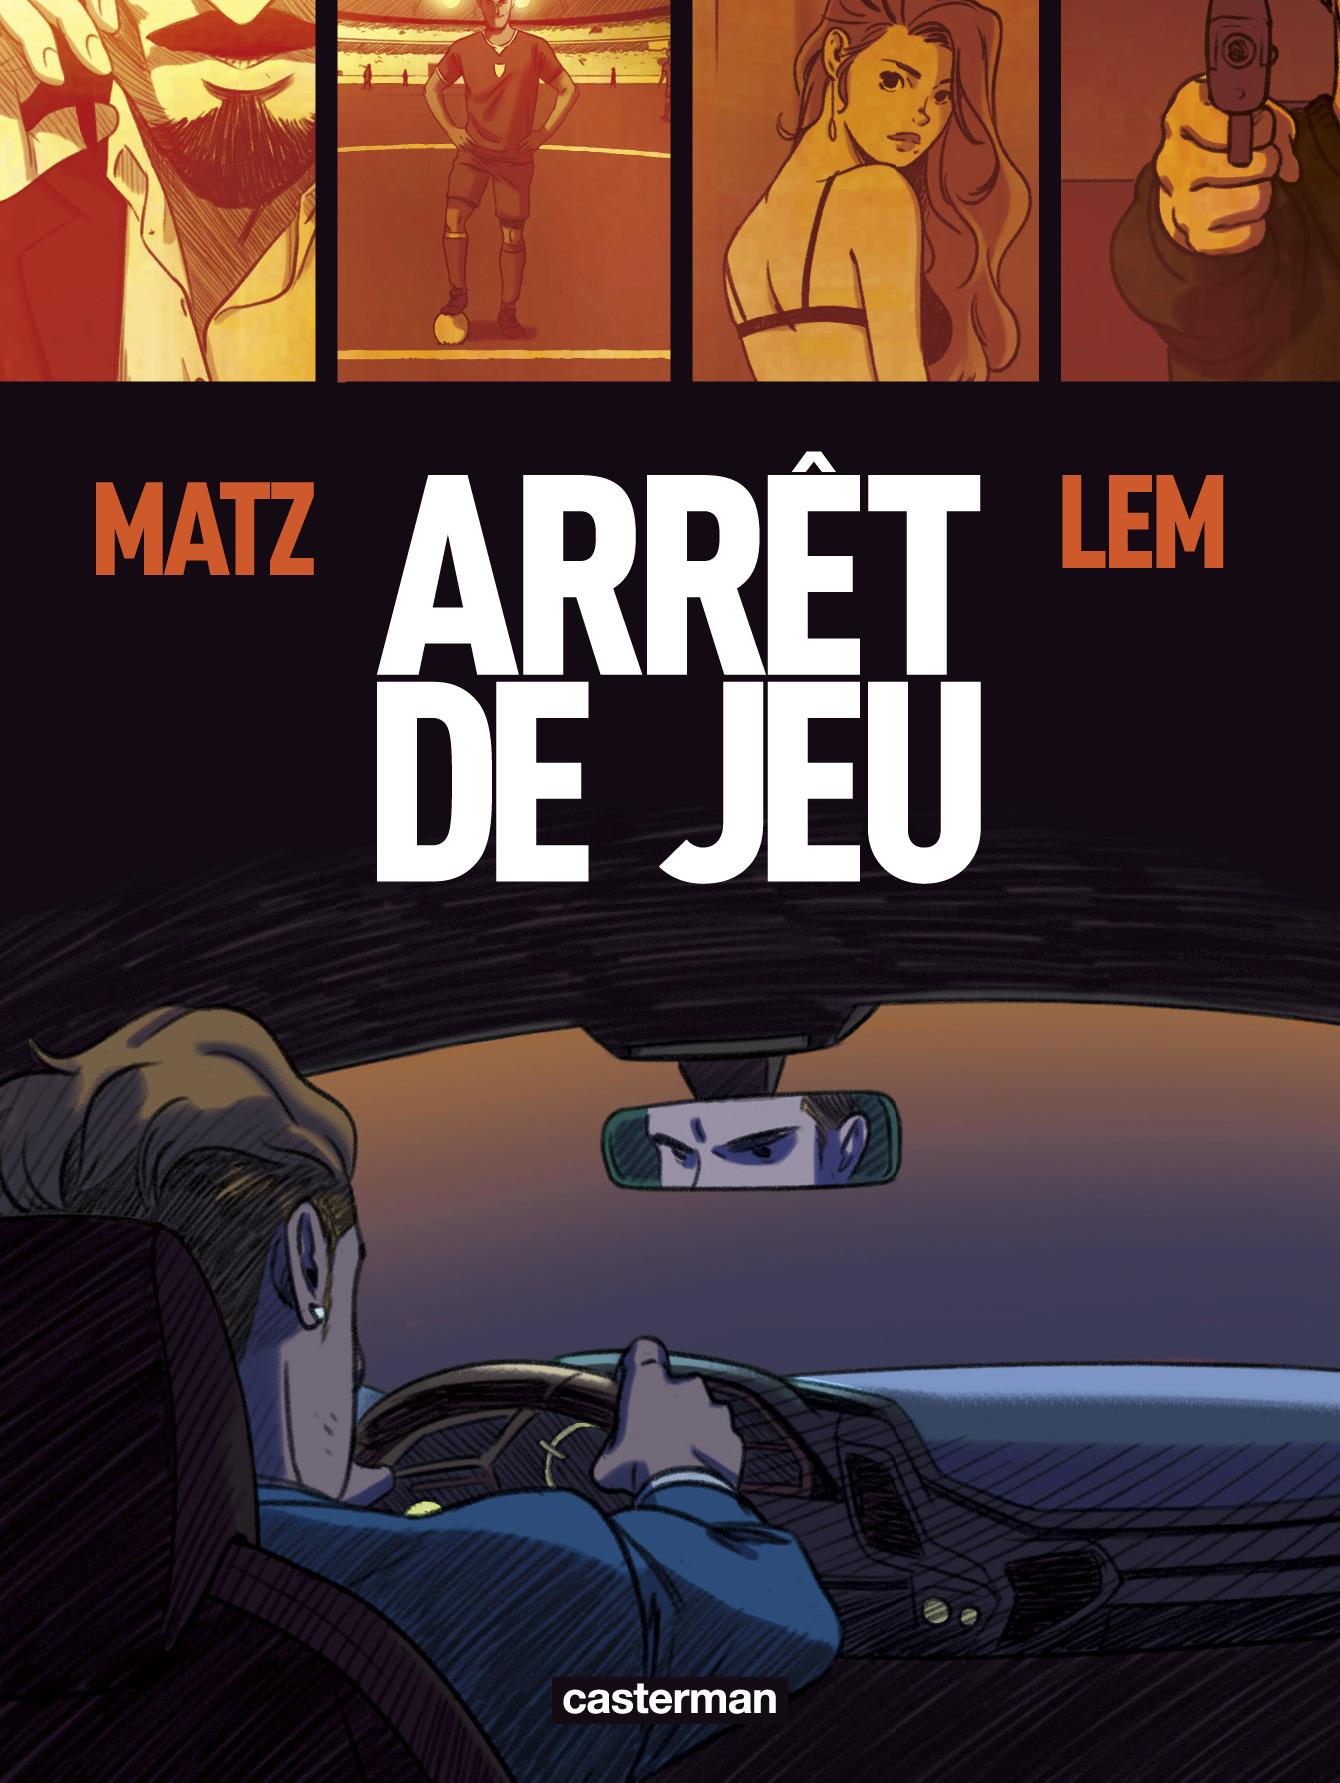 ARRET DE JEU